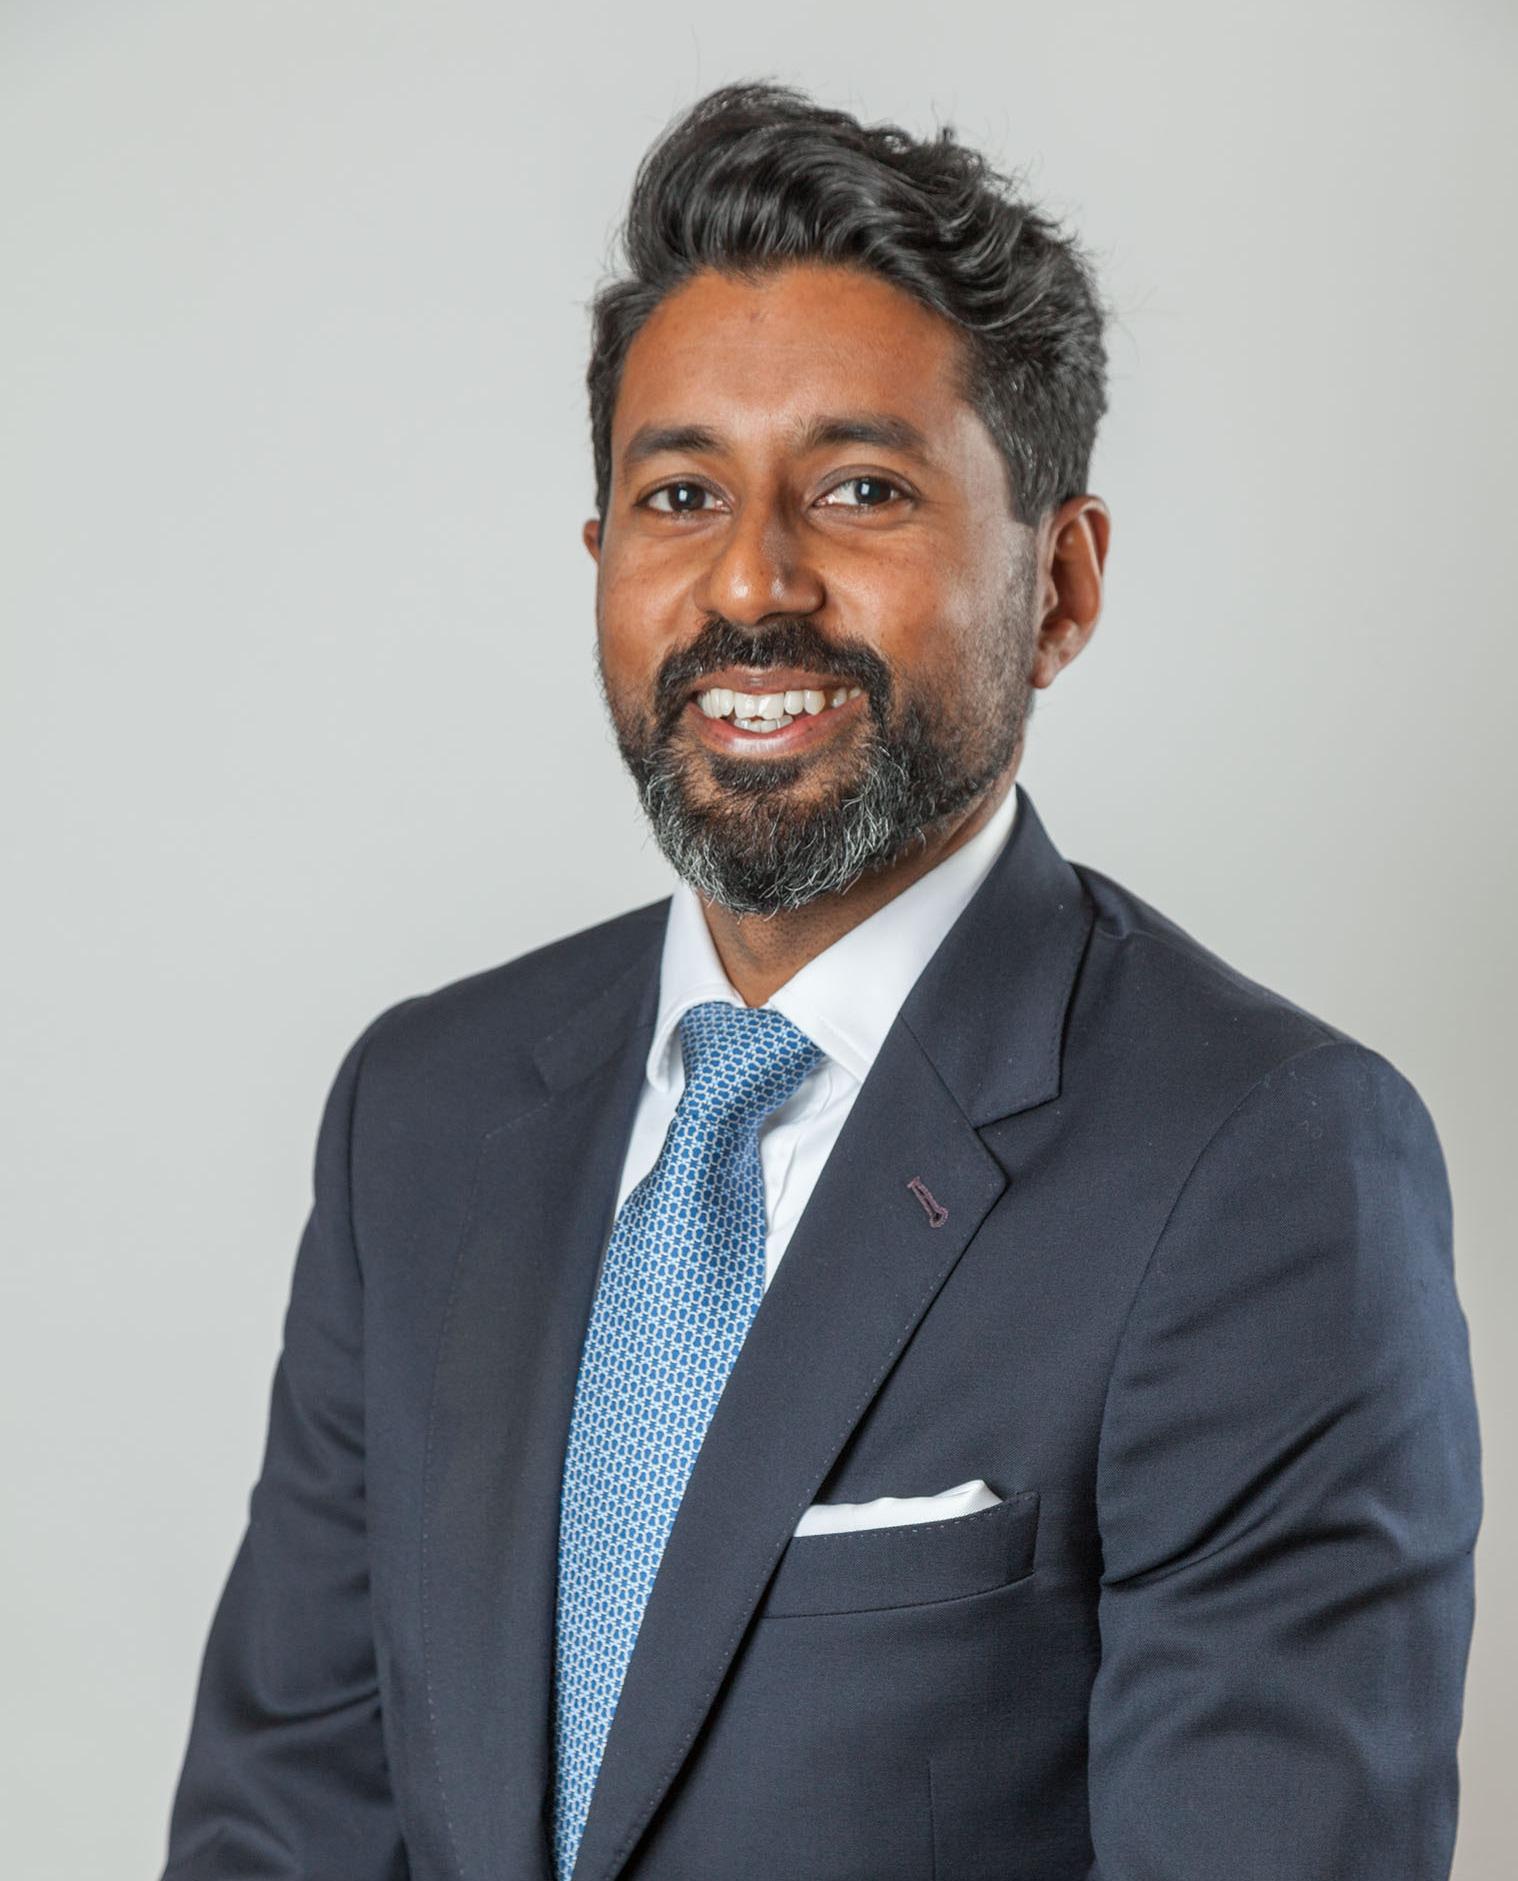 Mr Shankar Thiagarajah